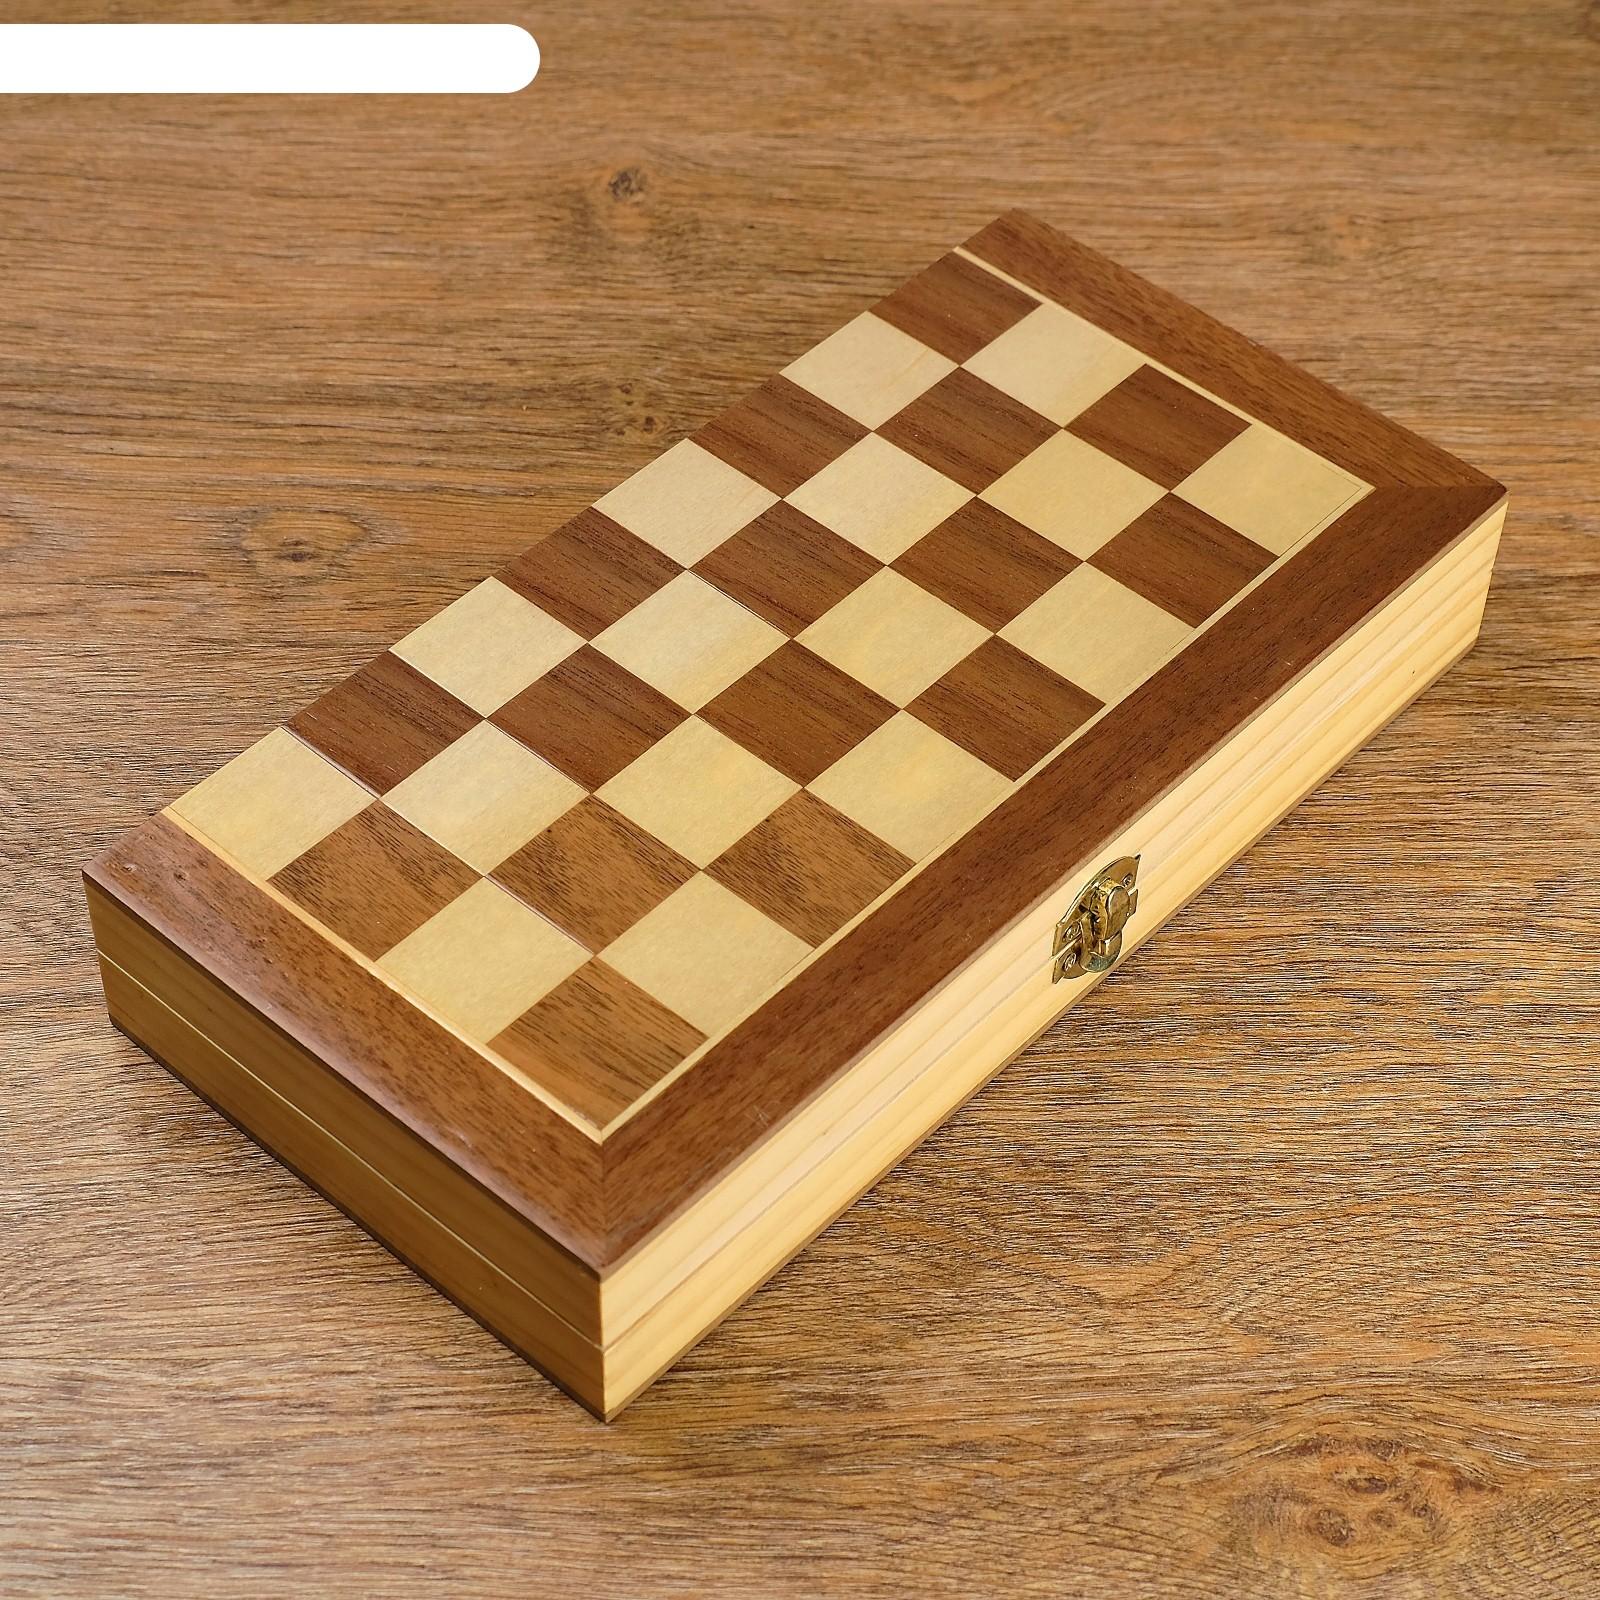 Шахматы деревянные, доска магнитная из сборных шашечек, фигуры в подложке